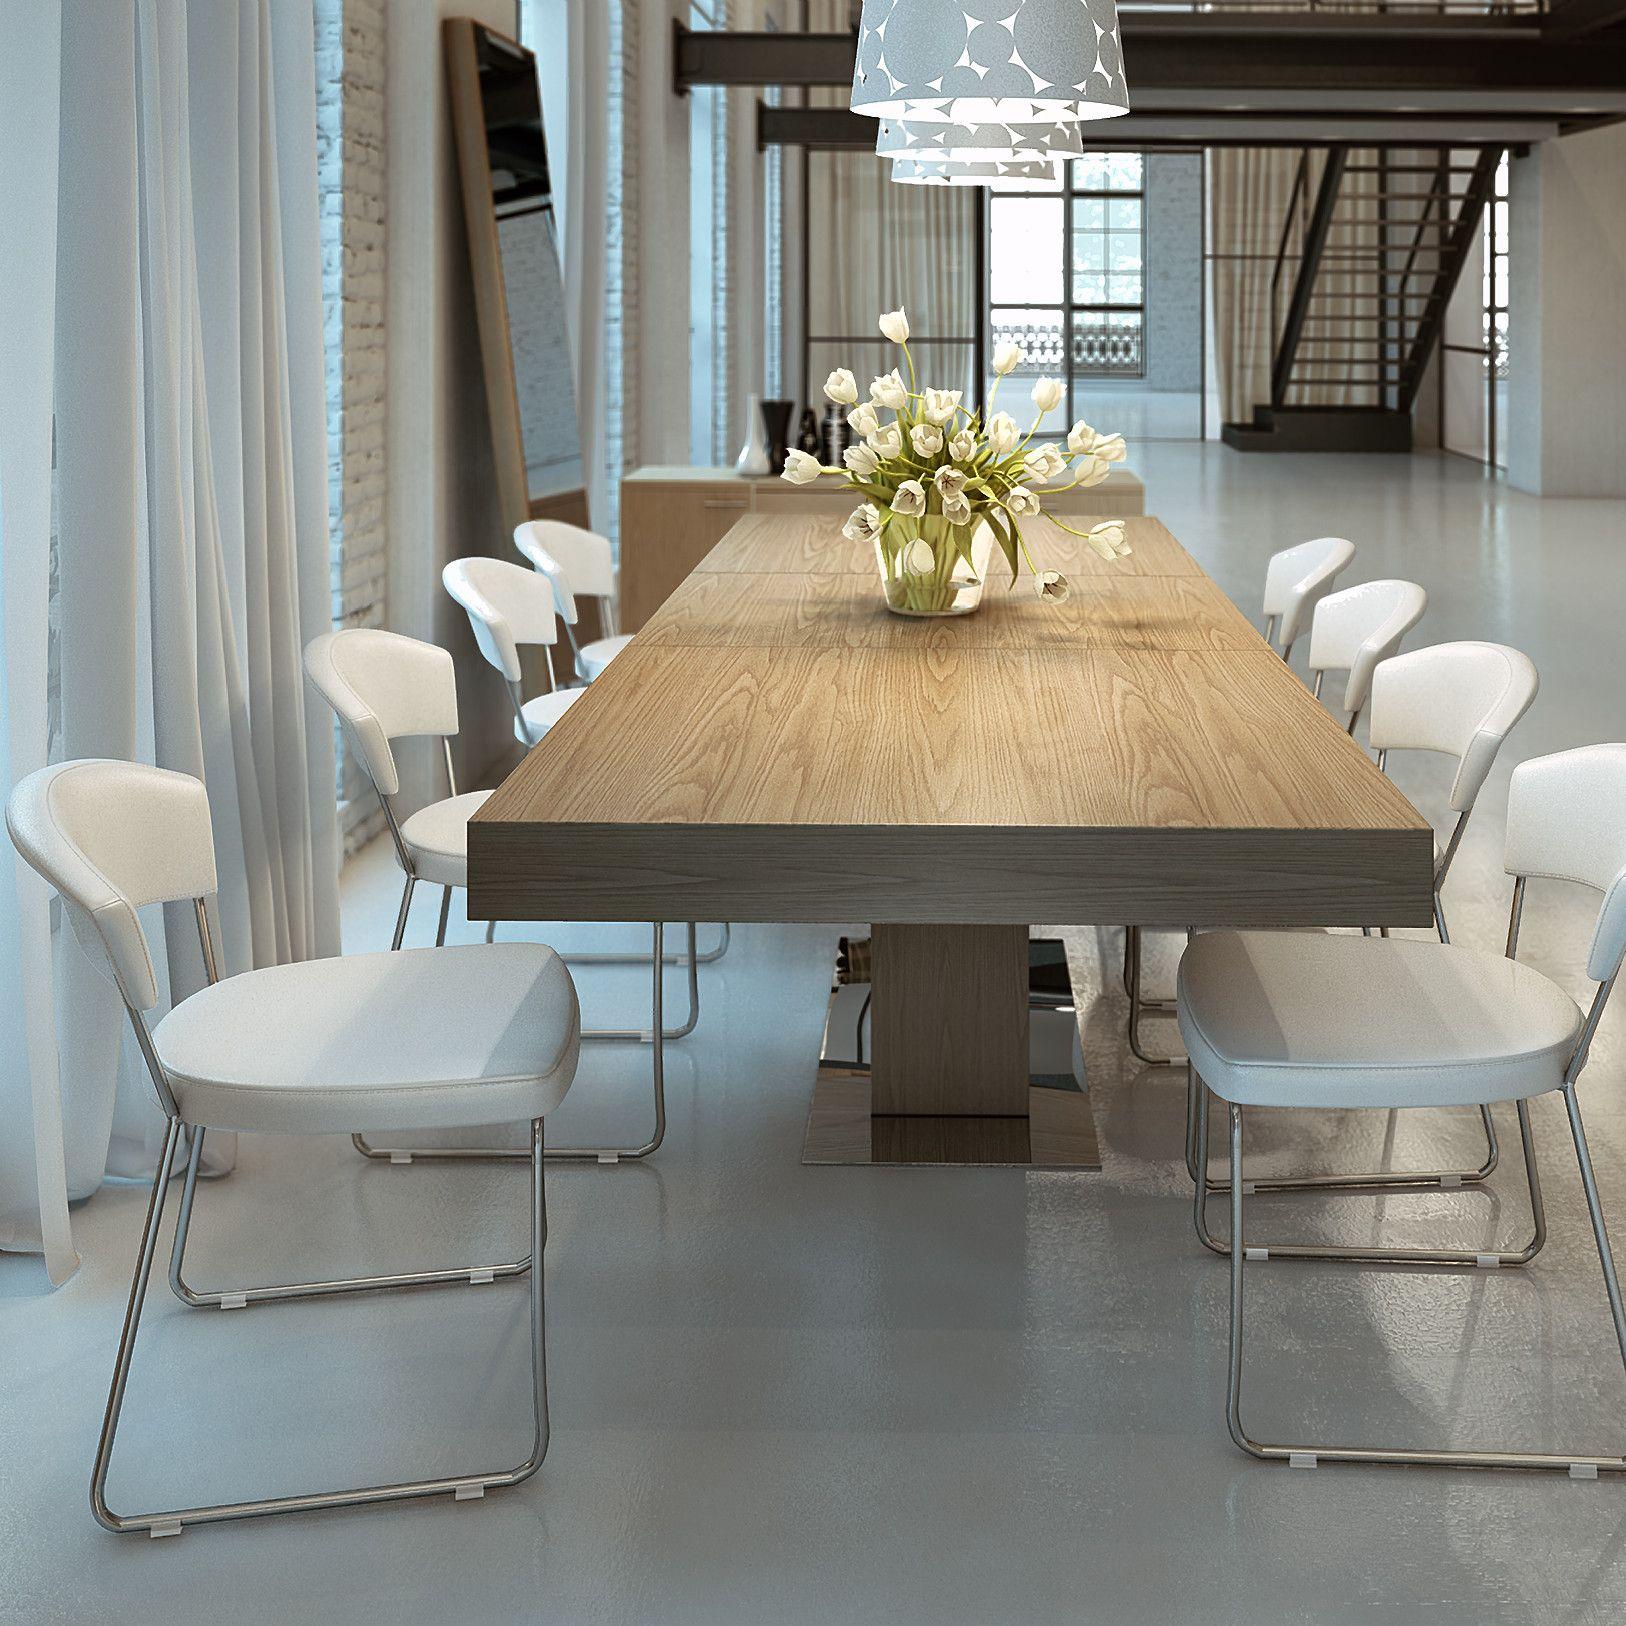 Modloft Astor Dining Table Base I have this base in black granite